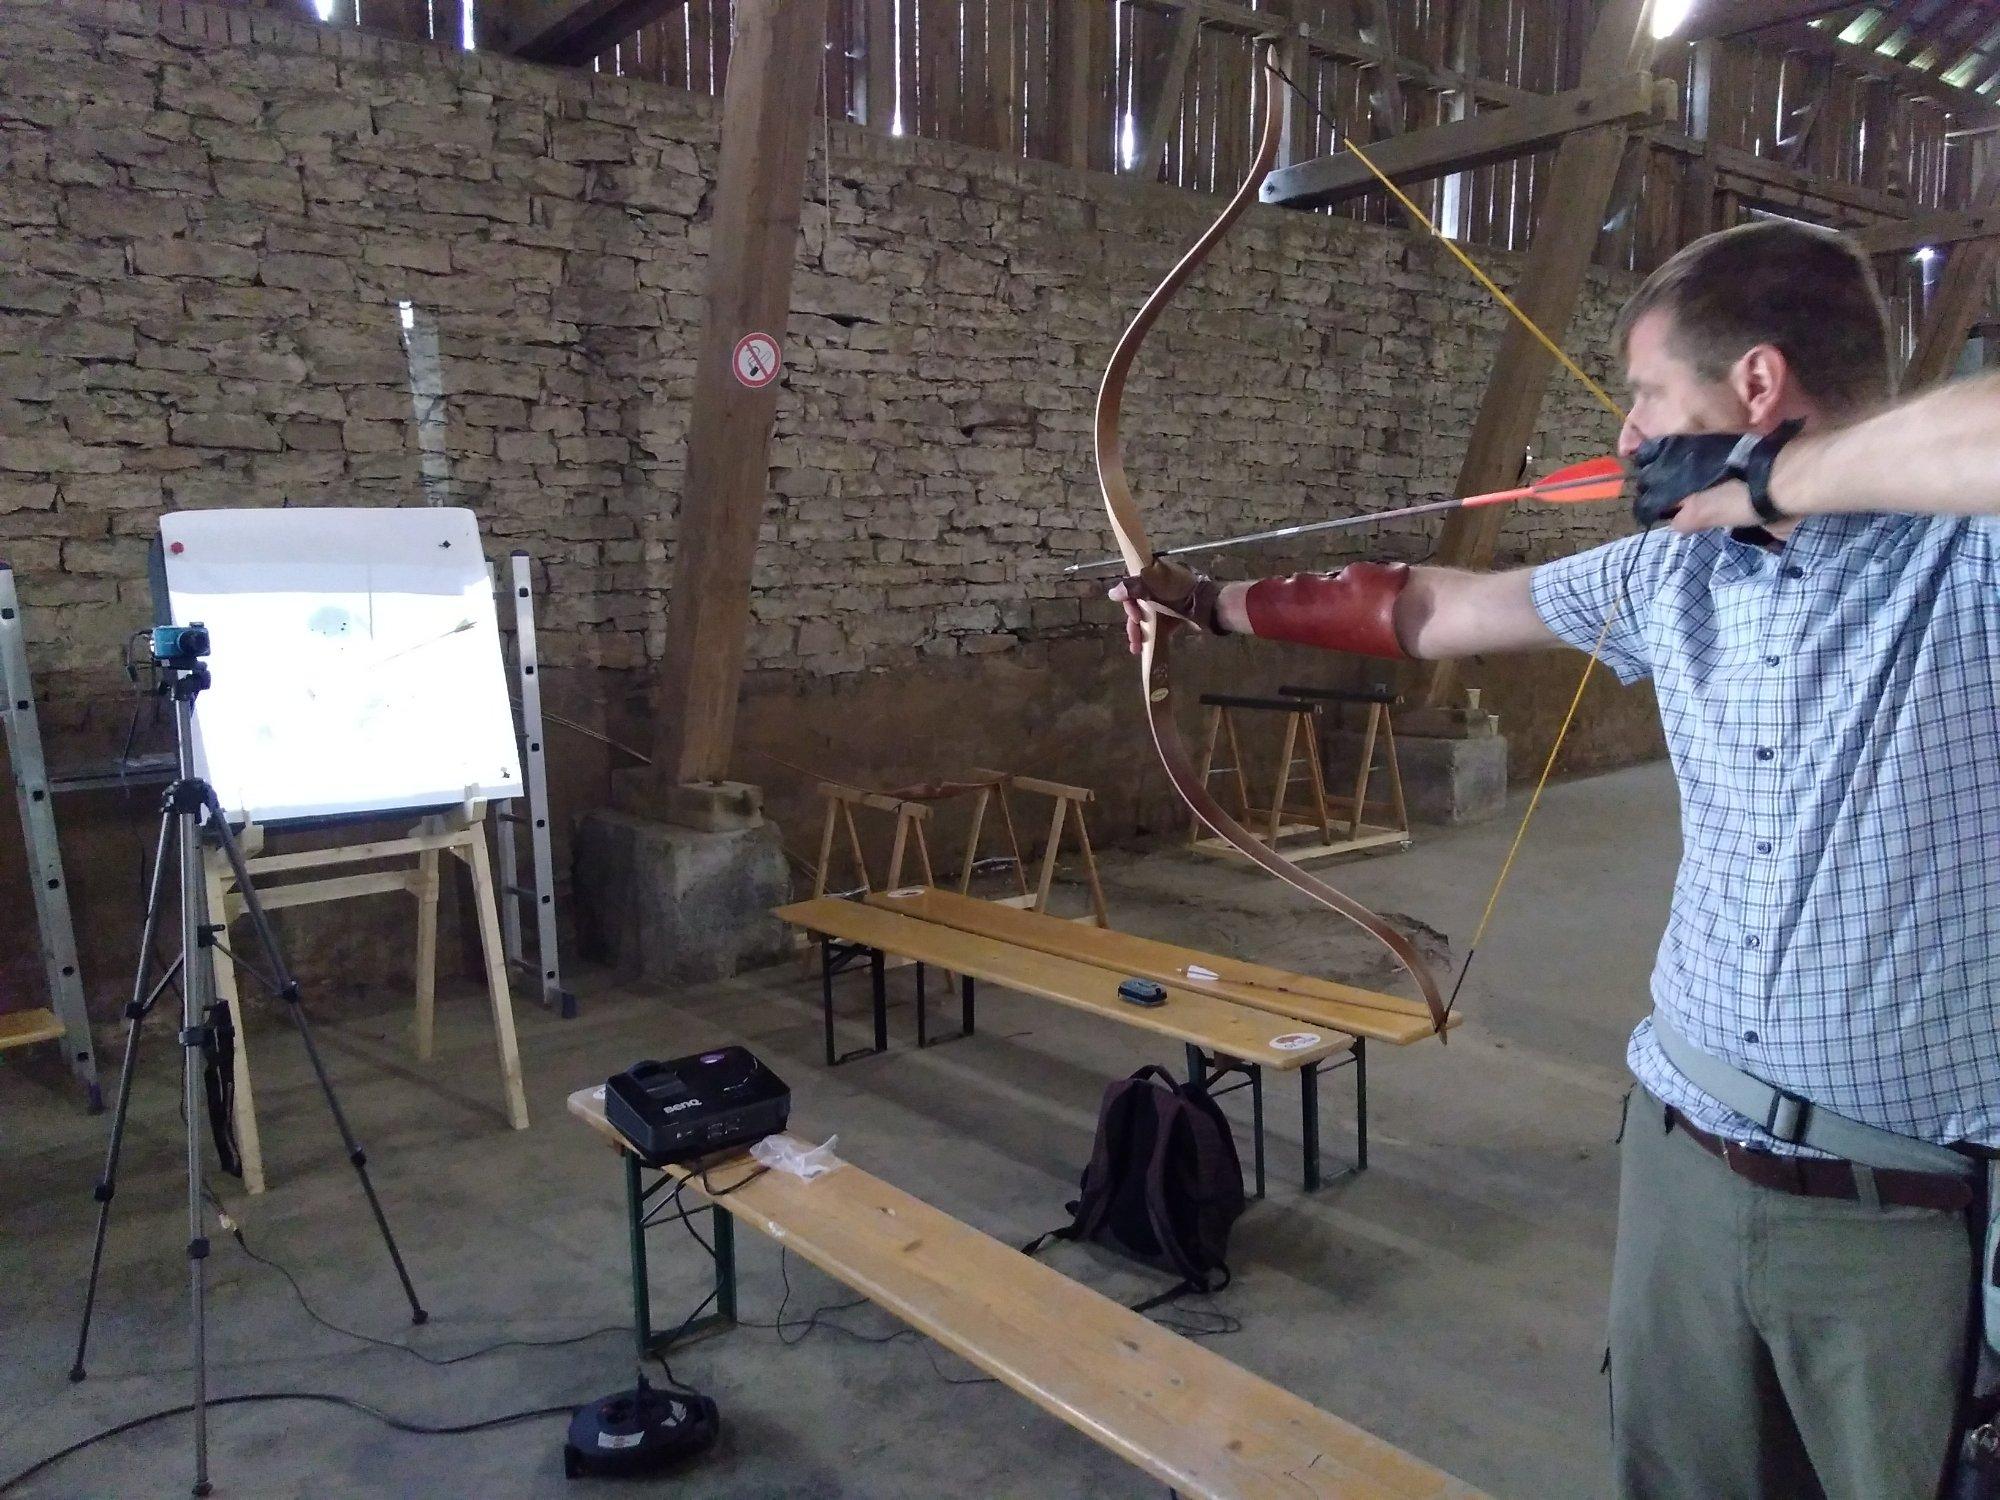 Bogenschütze im Training mit Unterstützung eines Beamers